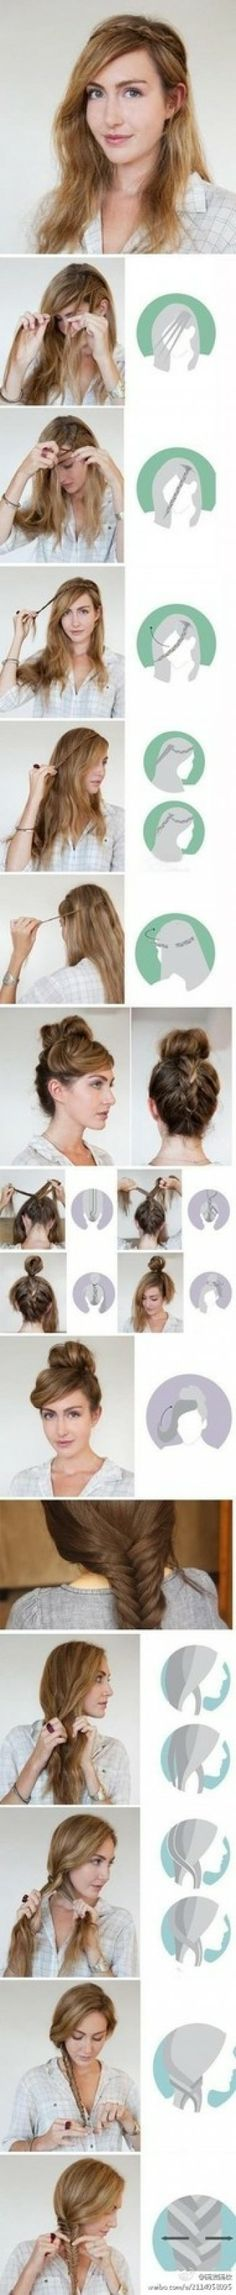 Saç örgü modelleri resimli anlatım